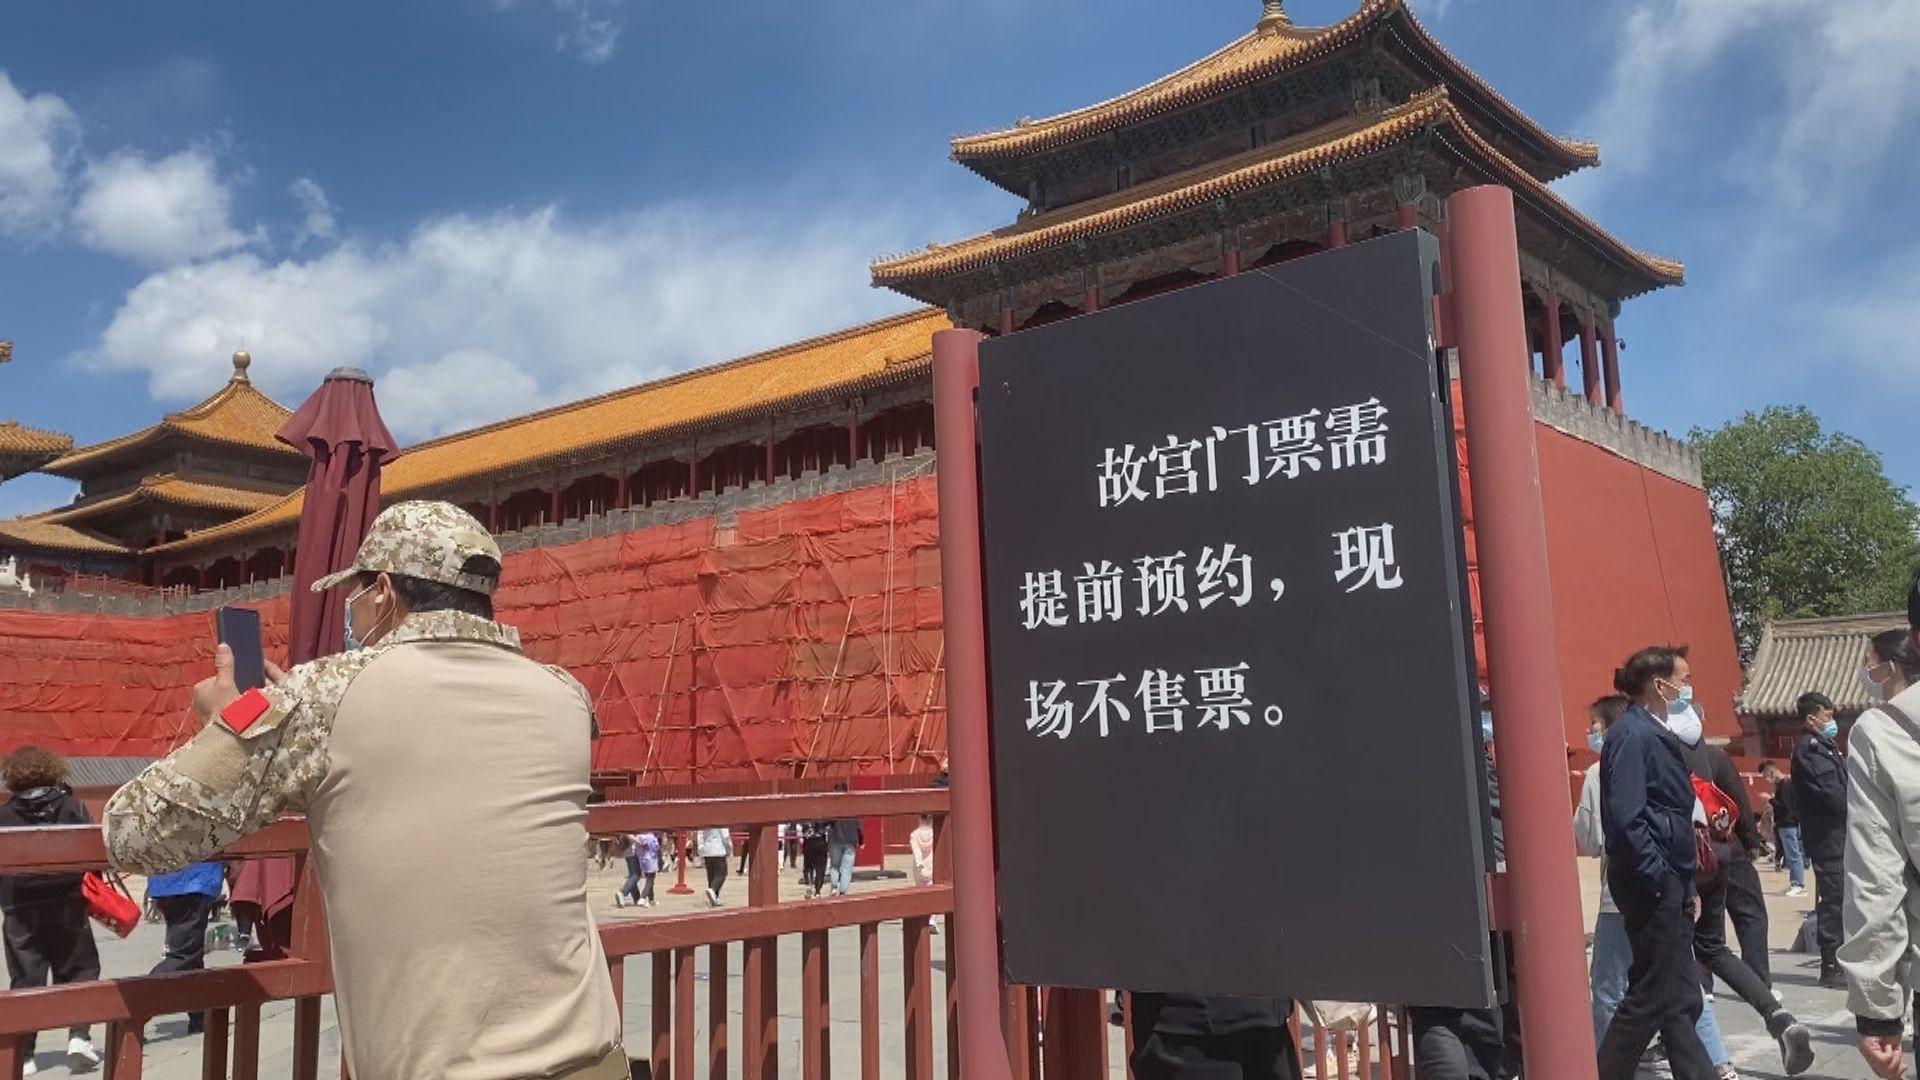 內地「五一」假期展開 北京故宮等景點實施預約制度